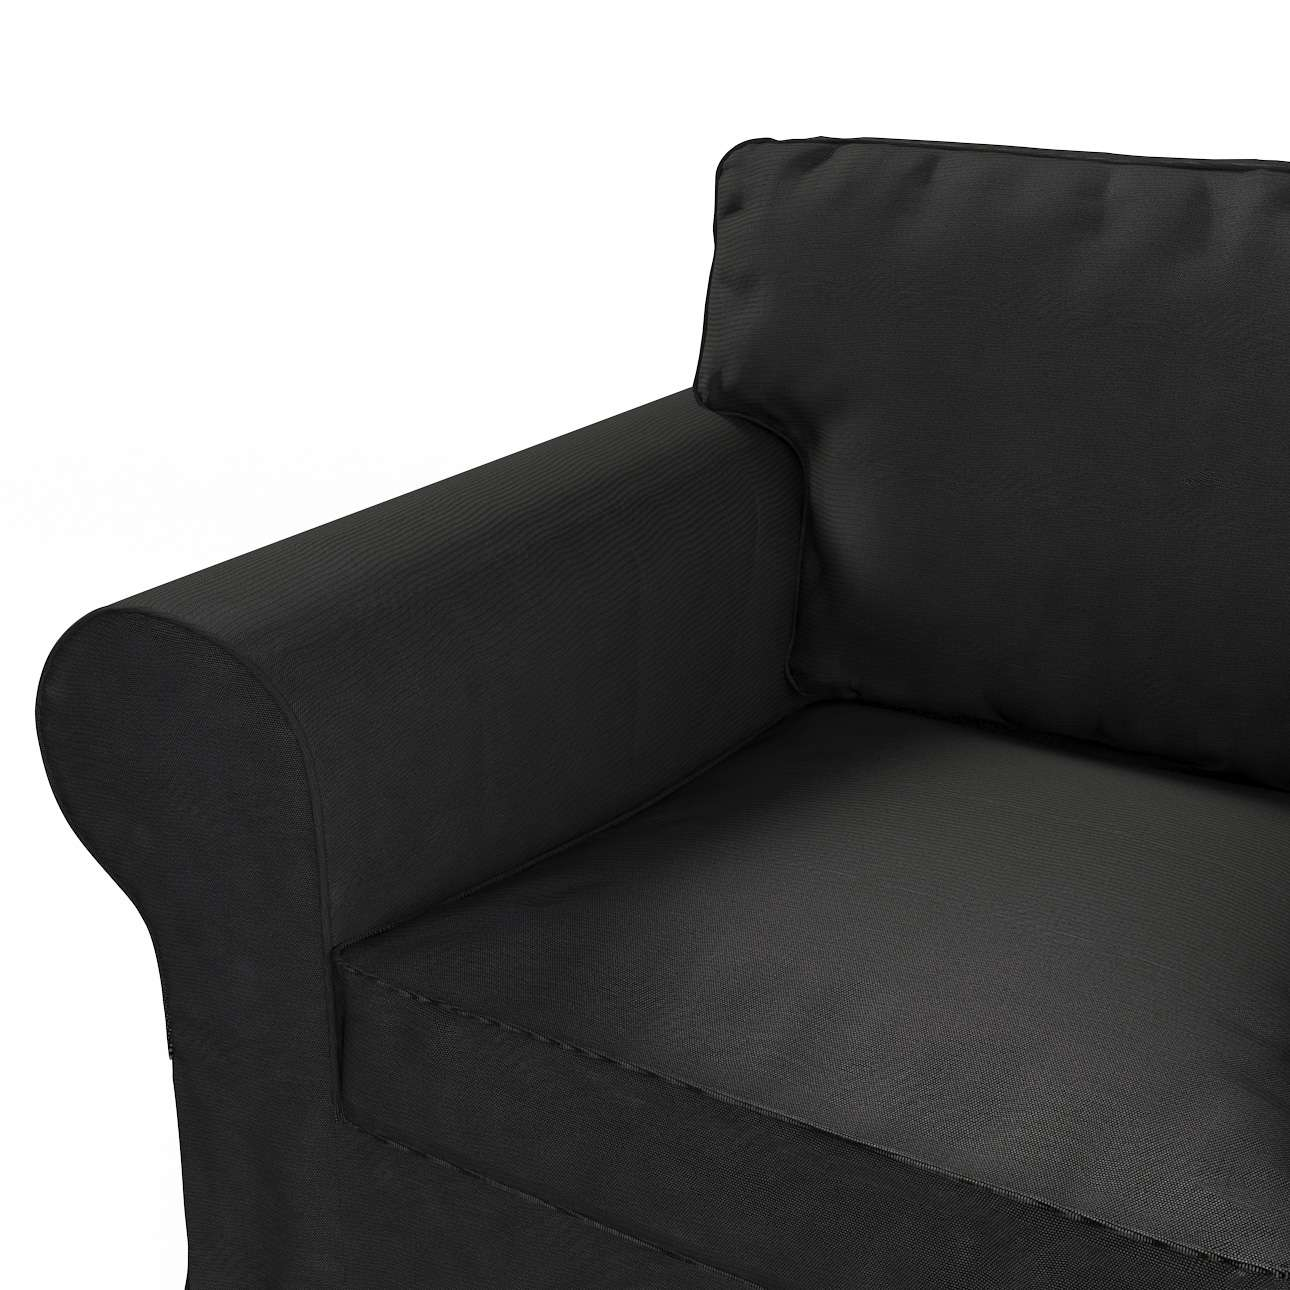 Bezug für Ektorp Sessel von der Kollektion Etna, Stoff: 705-00